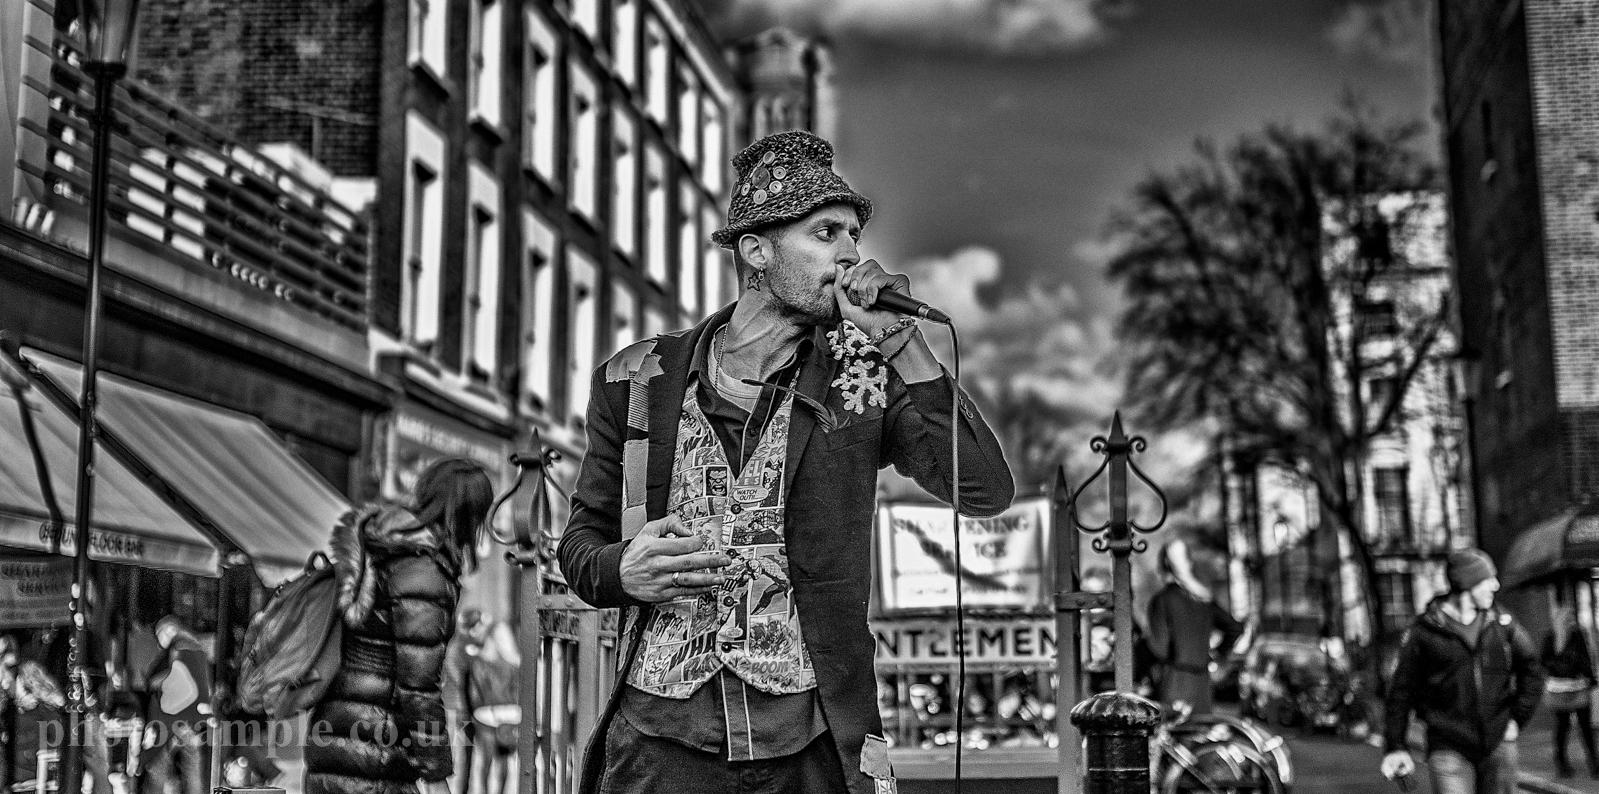 Treva 'Noisy Parrot' at Portobello Market, London, UK, 22.02.2014